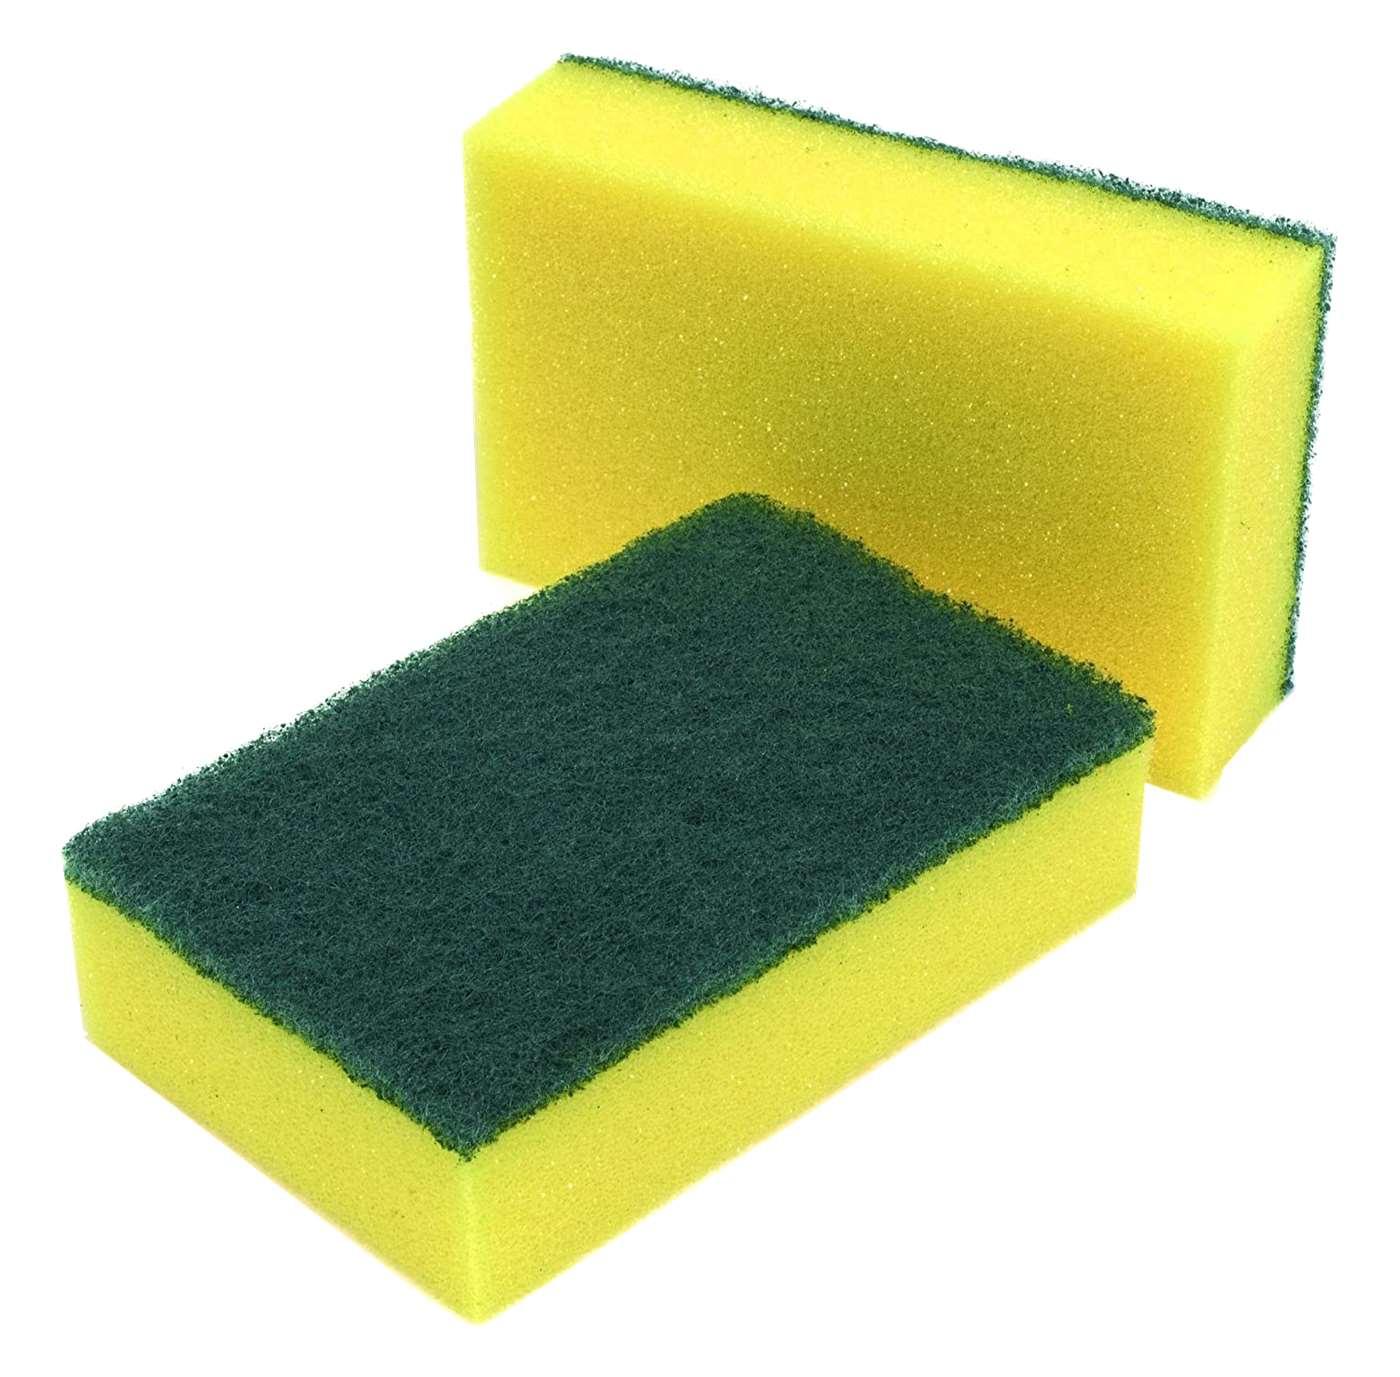 Foam Backed Scourers